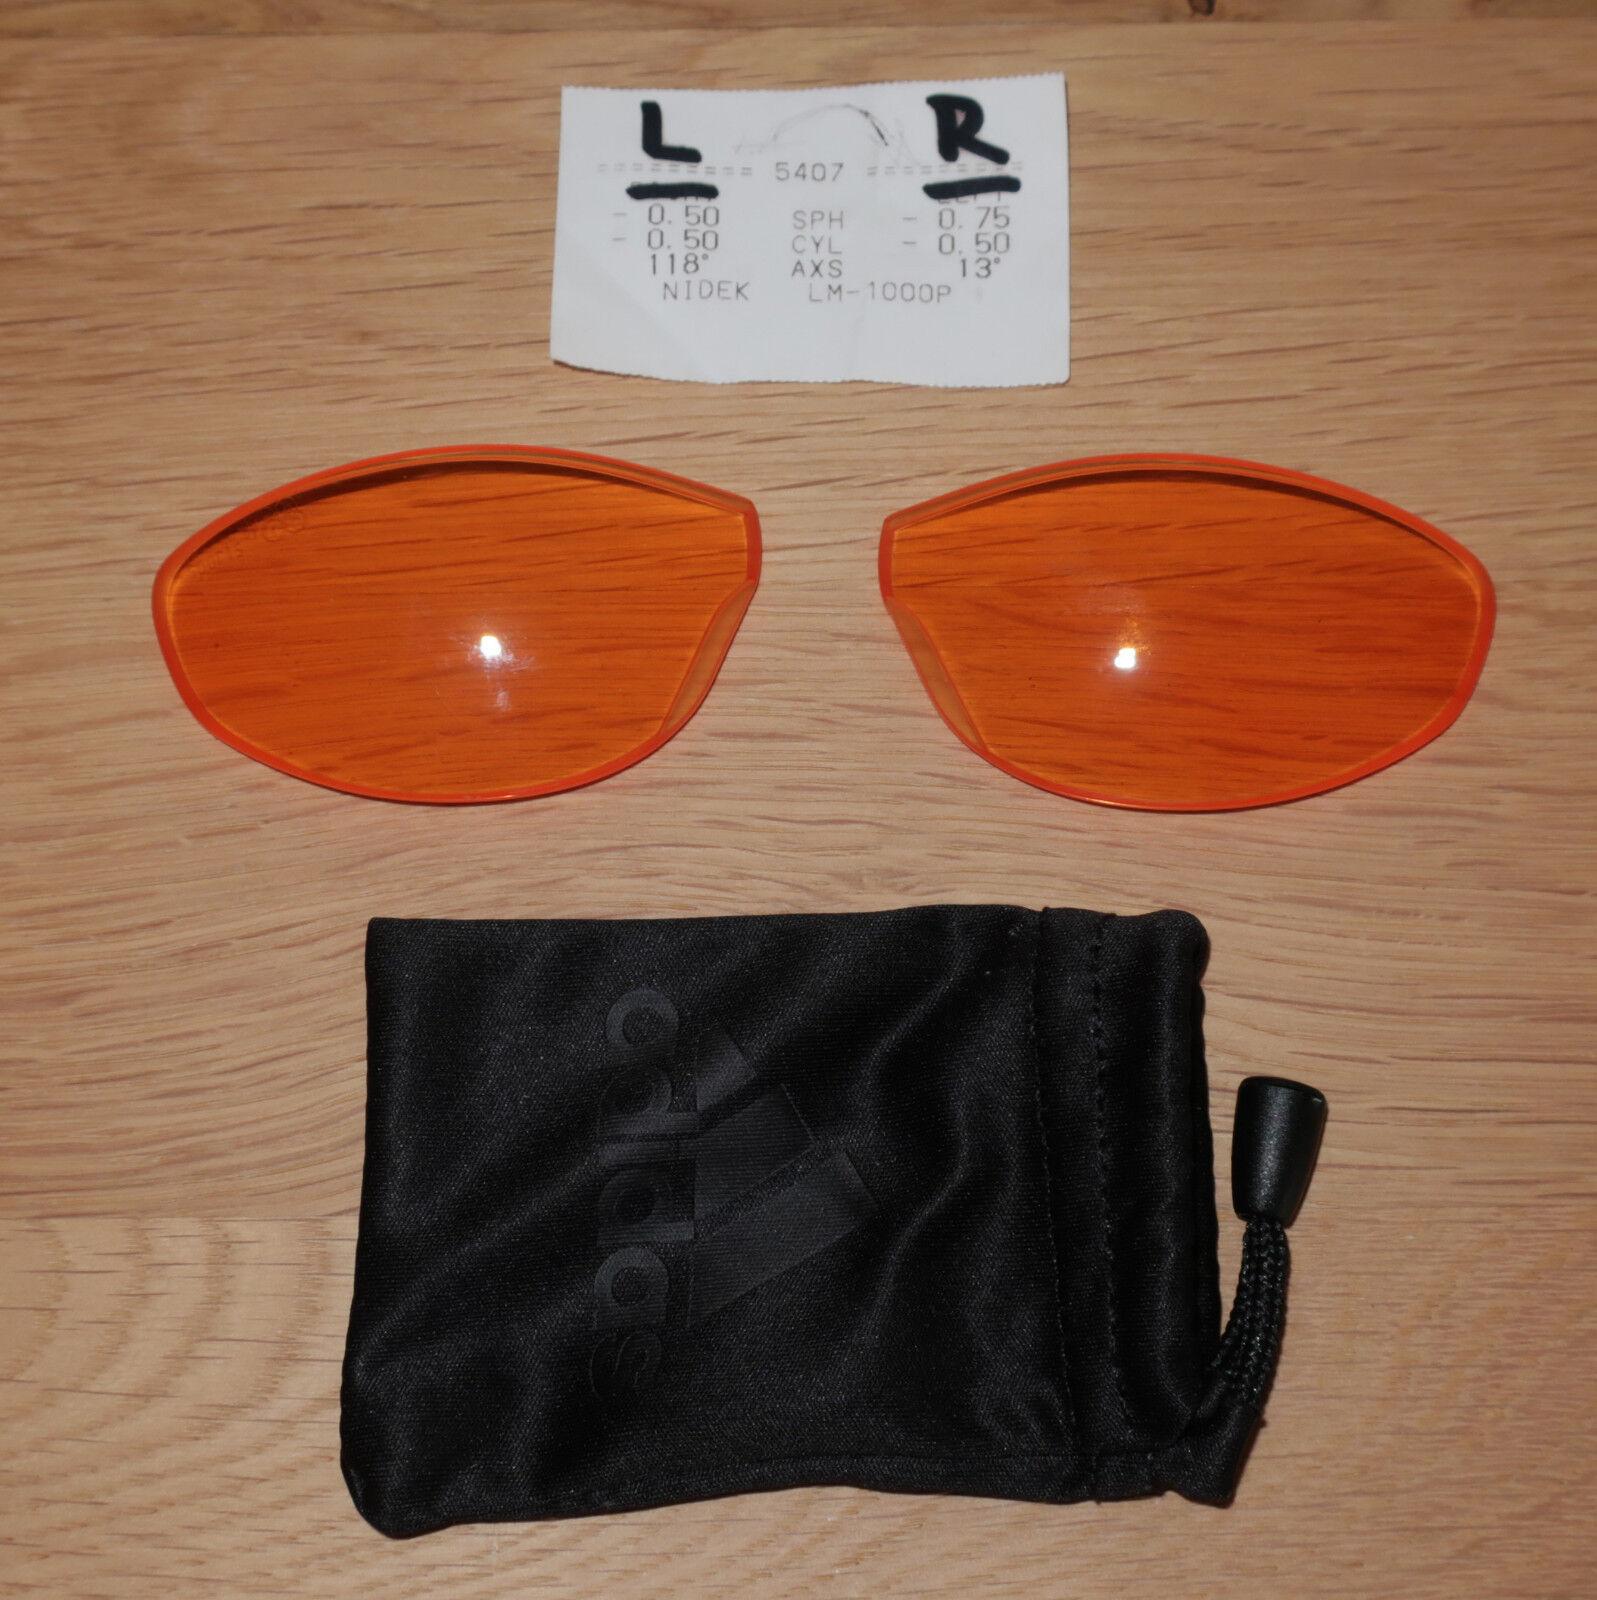 Direttamente vetrata Adidas Evil Eye Pro lenti, LST Bright AF, S, a127 con acutezza